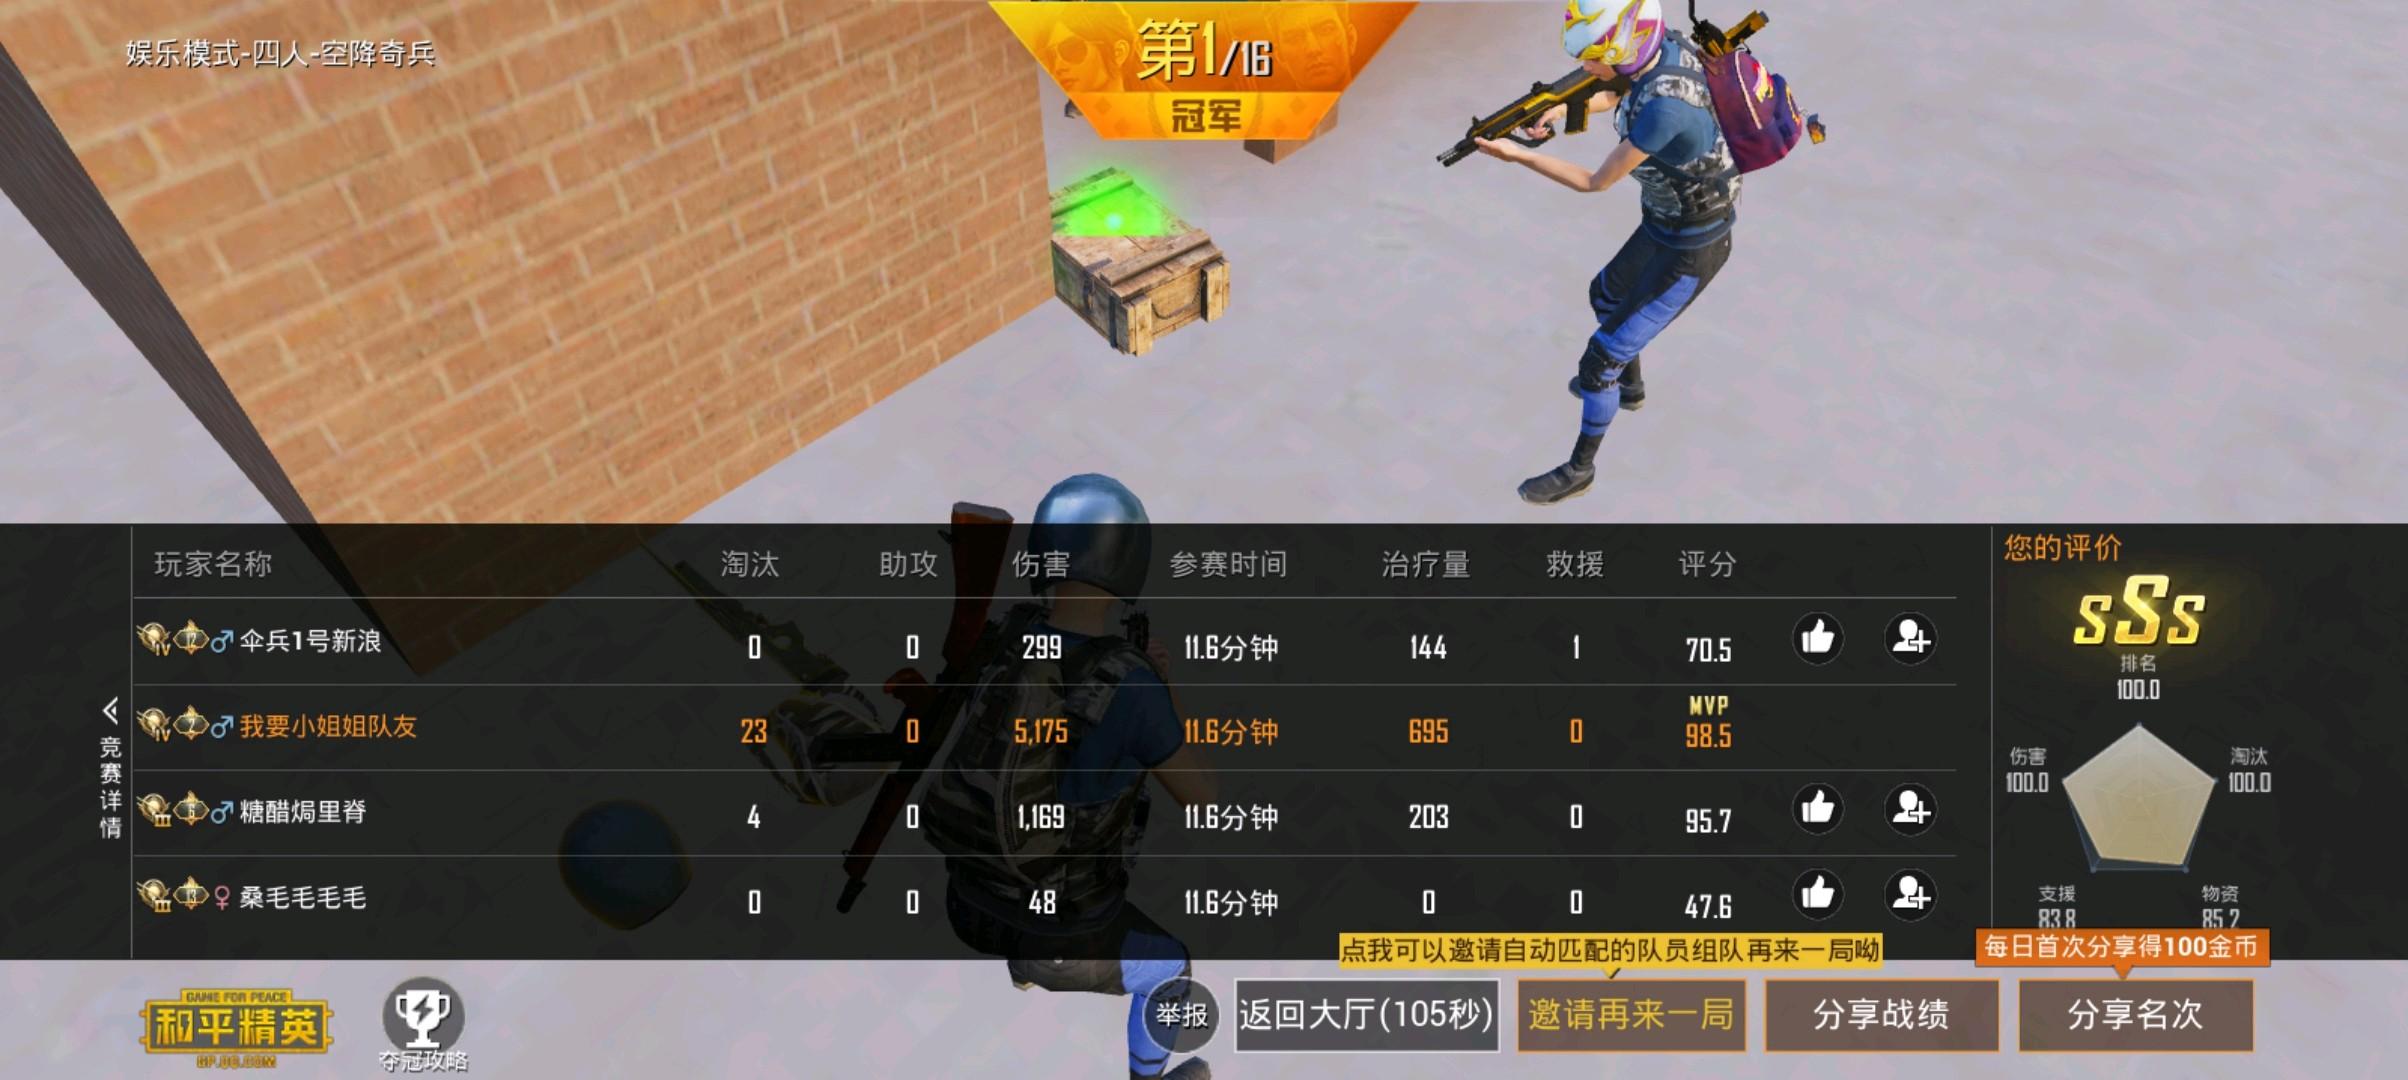 Screenshot_20200504_090323_3d819ca0aafc750ced08a57fa1c9e1f4.jpg